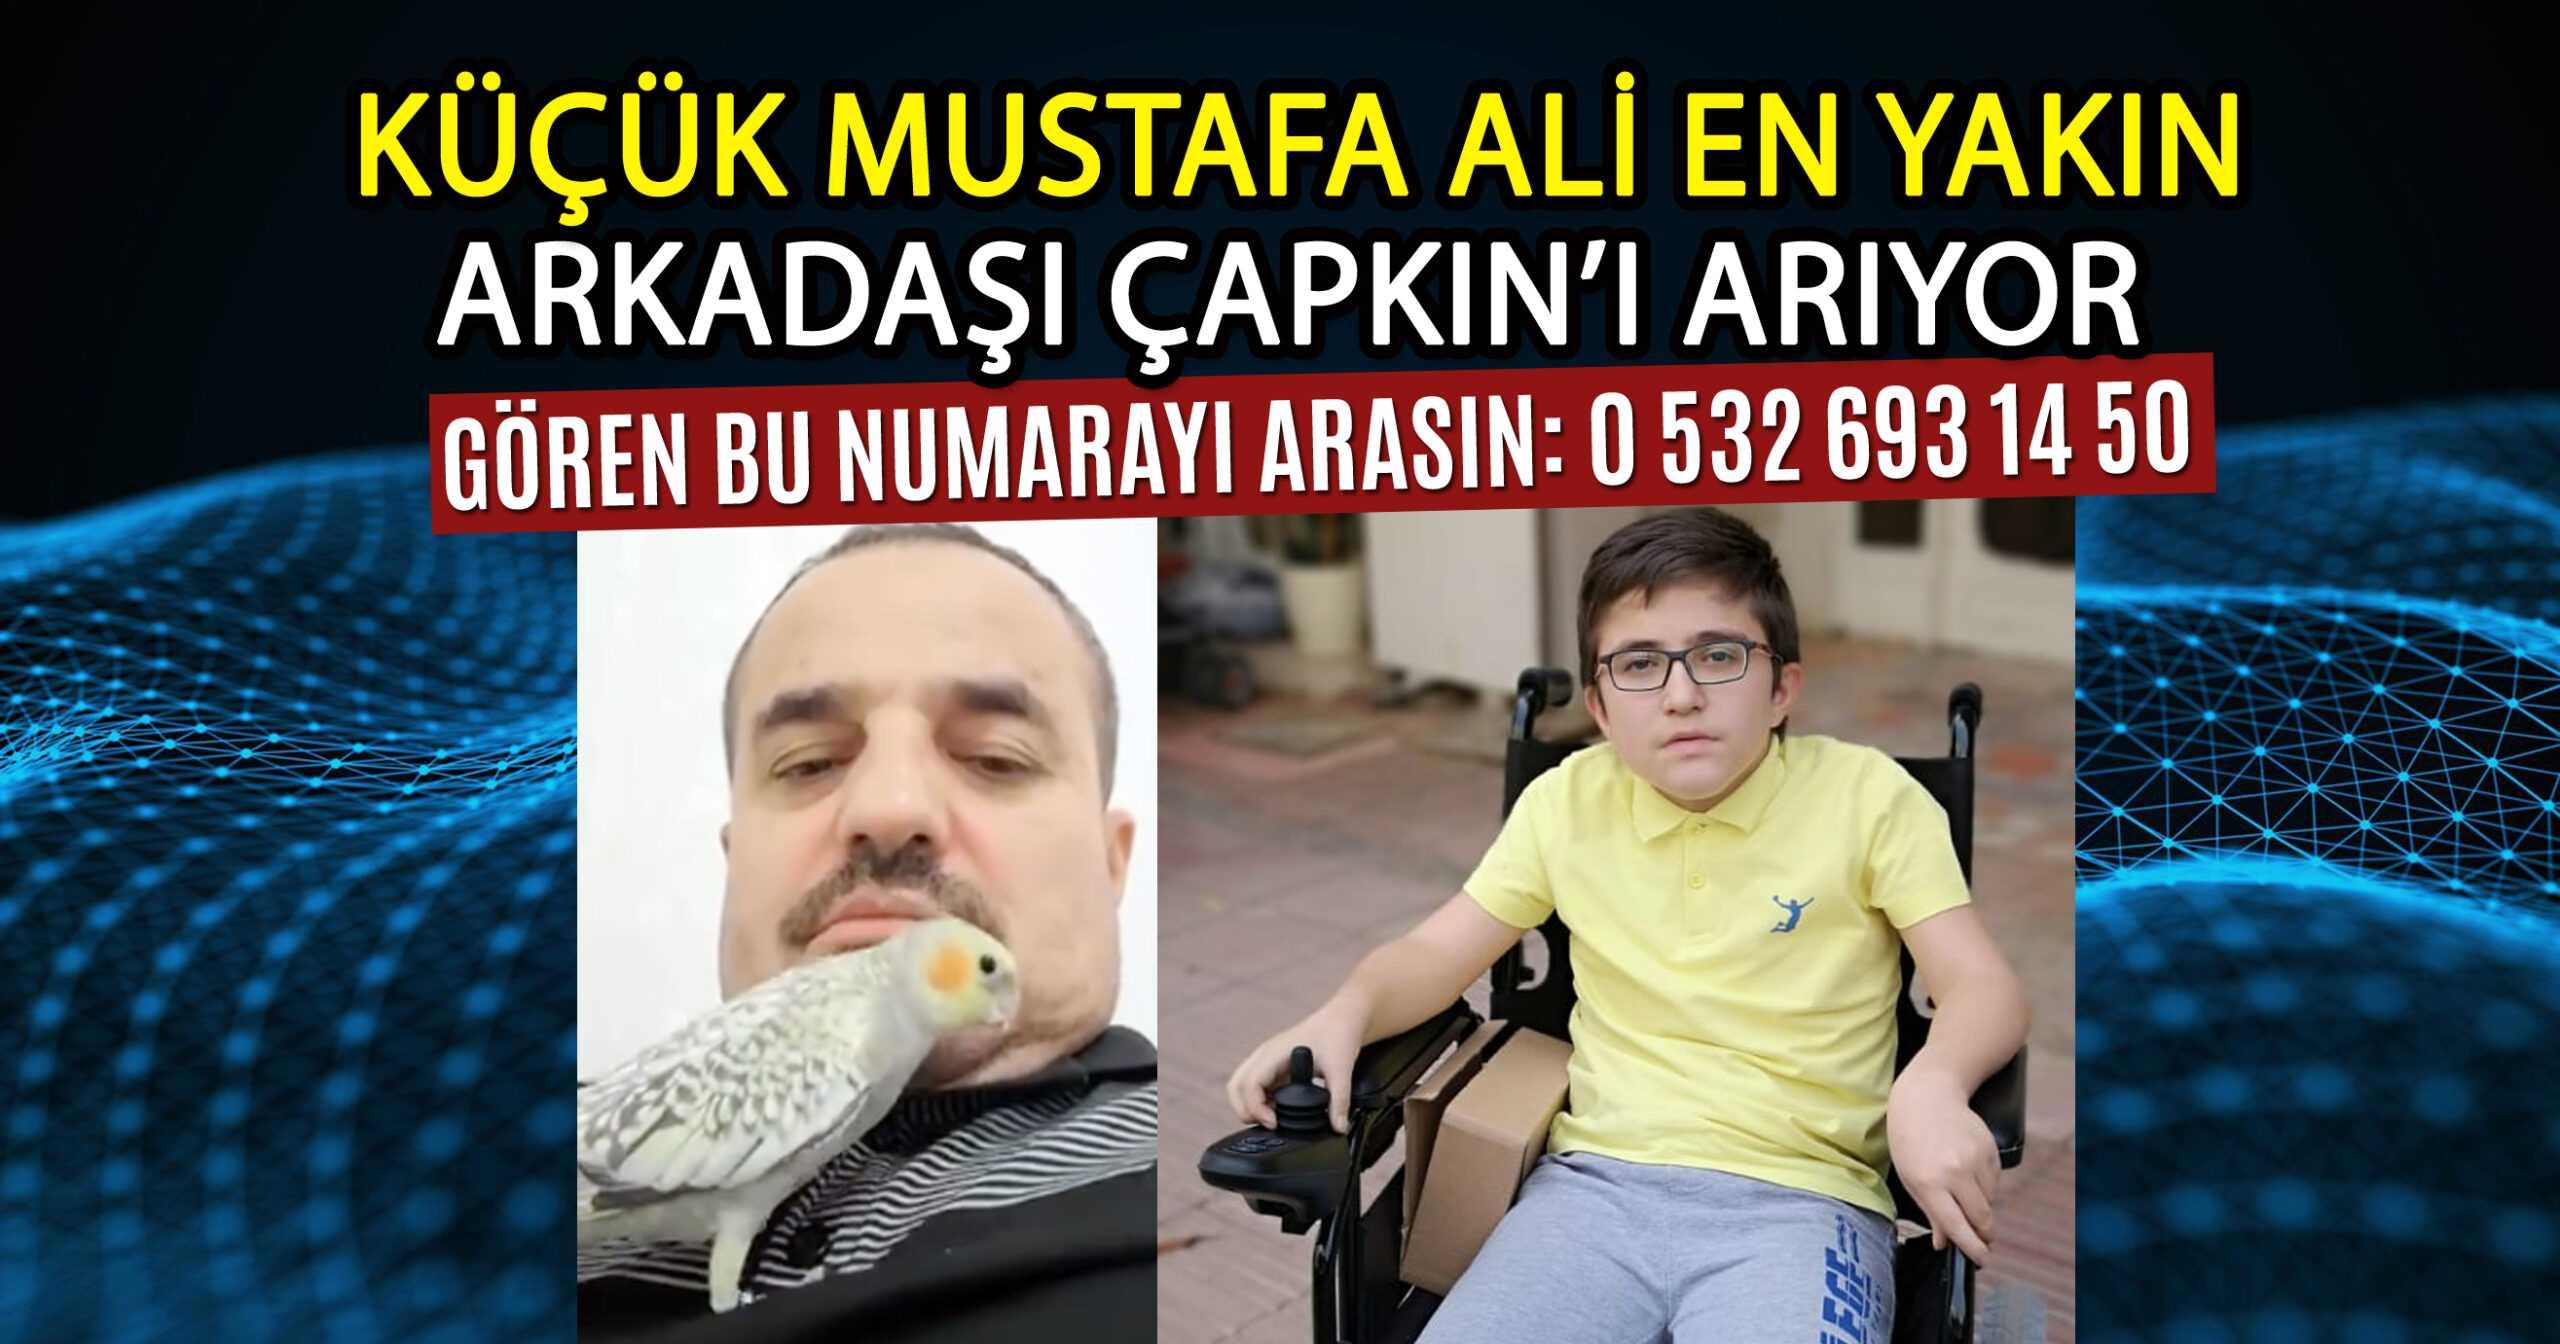 DEMİRELLİ AİLESİ ÇAPKIN'I ARIYOR